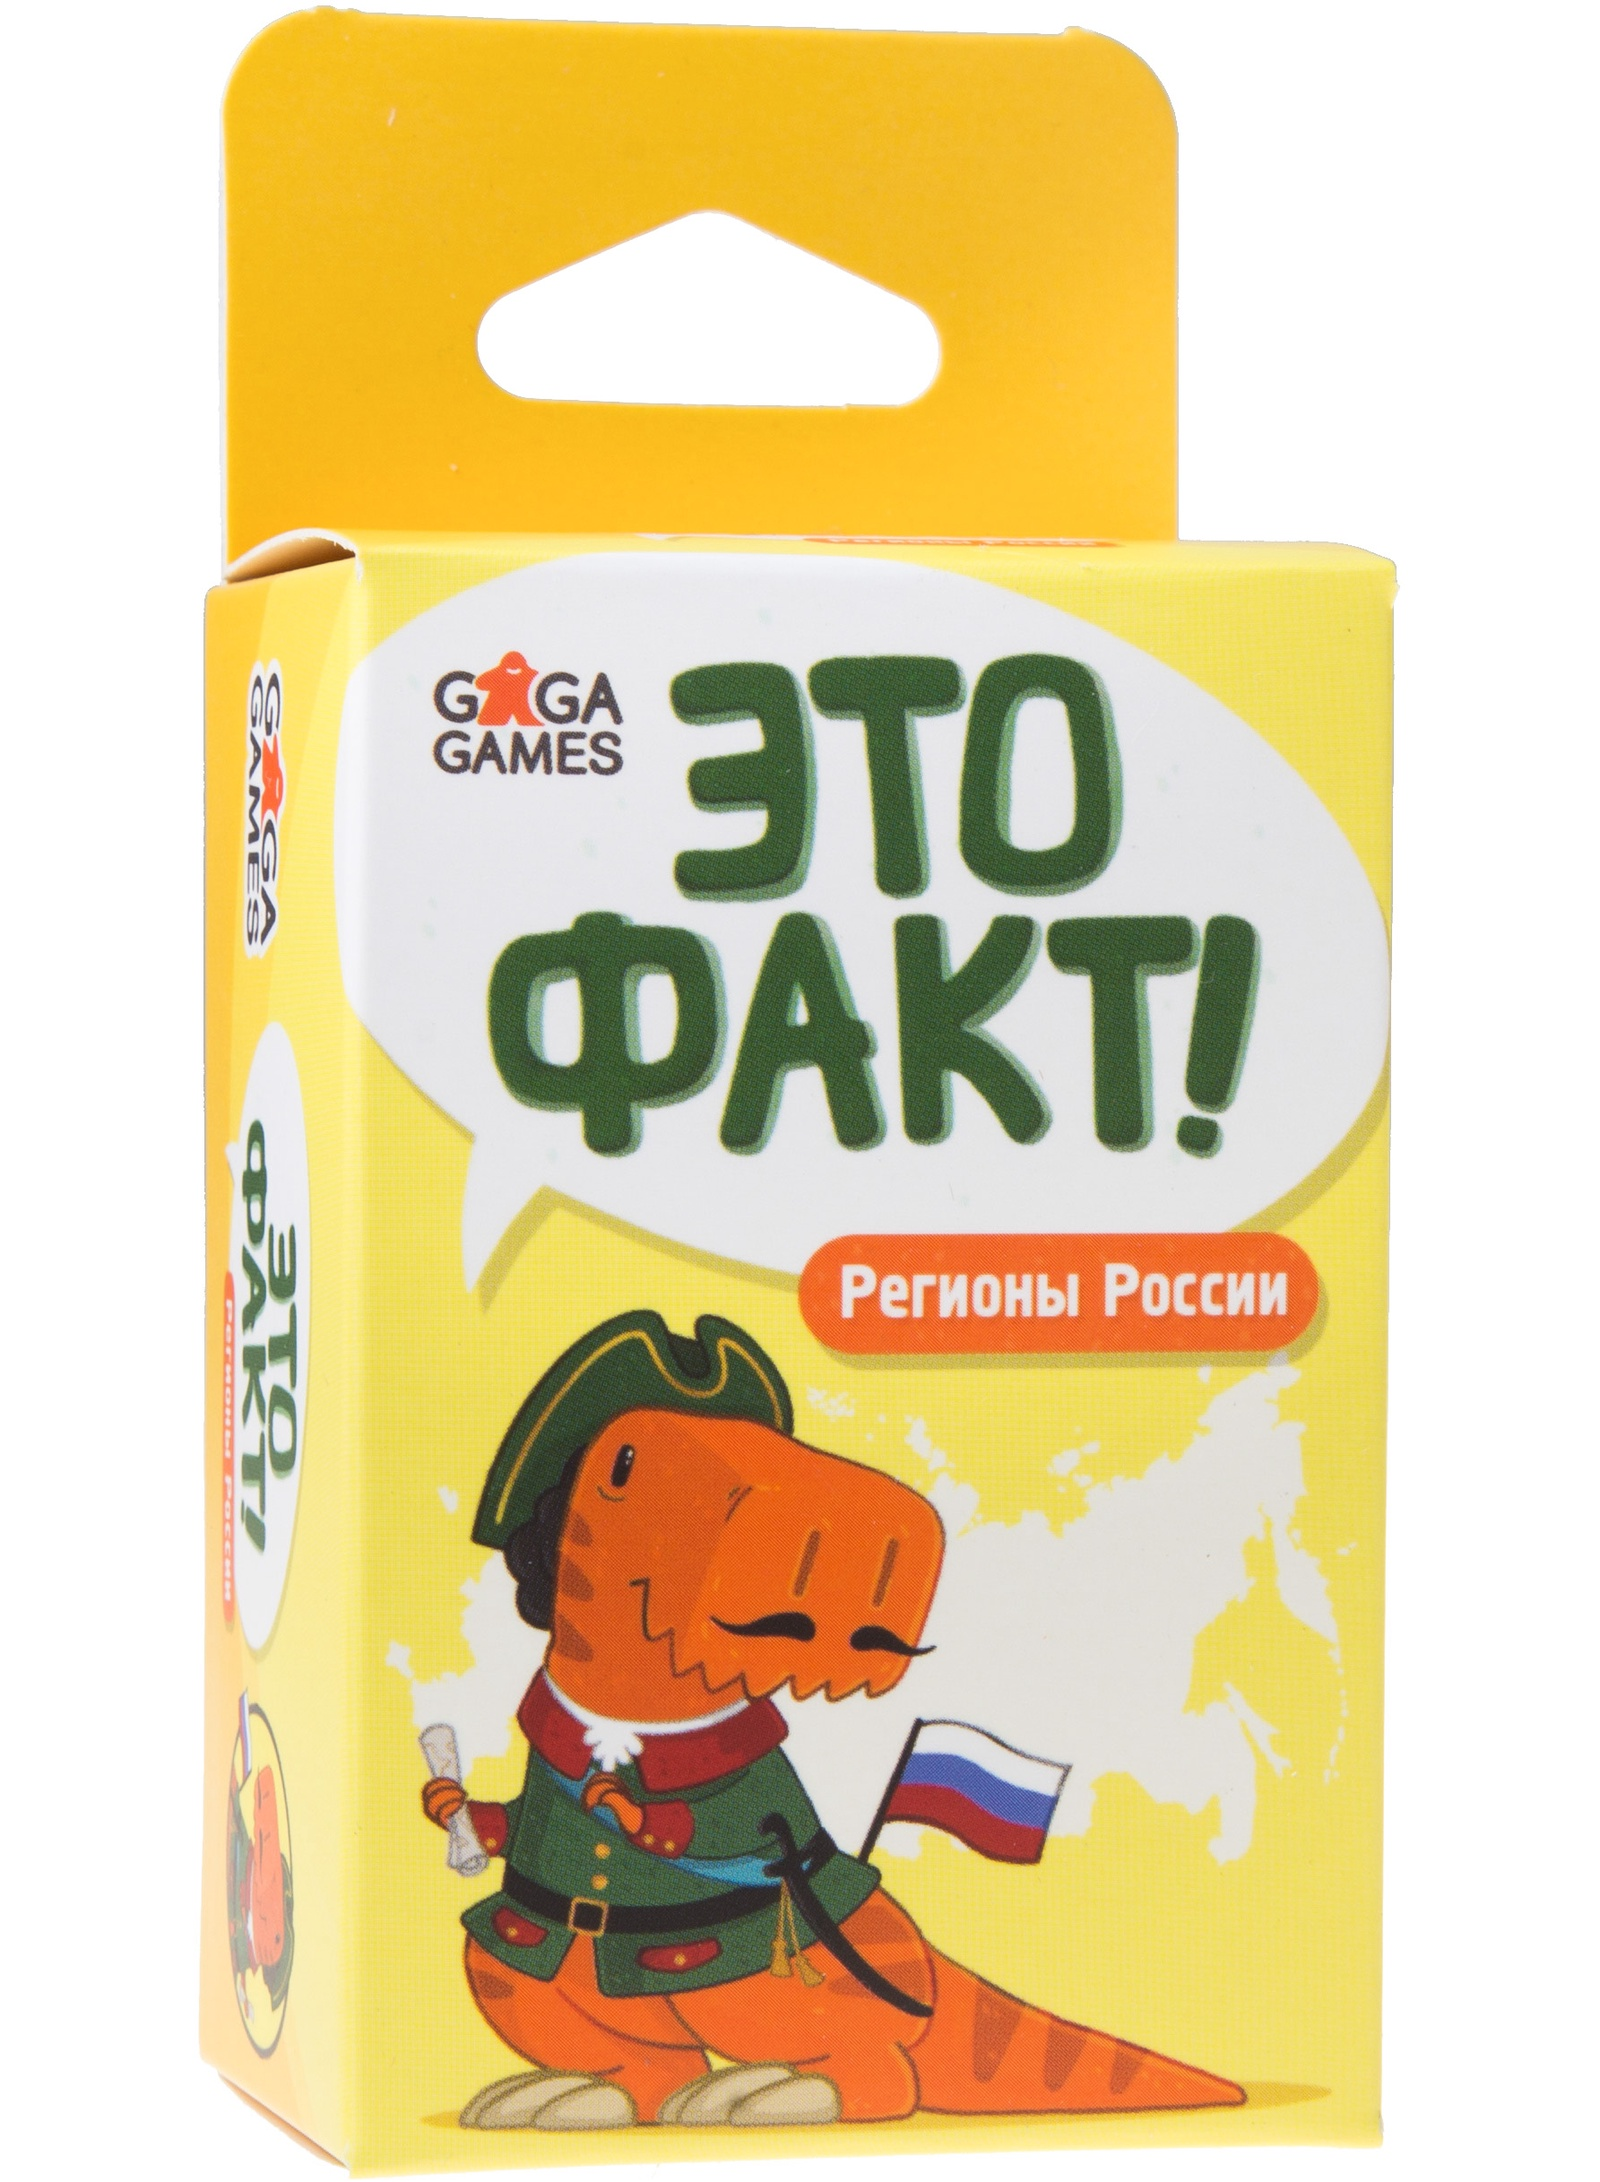 Настольная игра GaGa Это факт! Регионы России настольная игра gaga games развивающая это факт регионы россии gg129